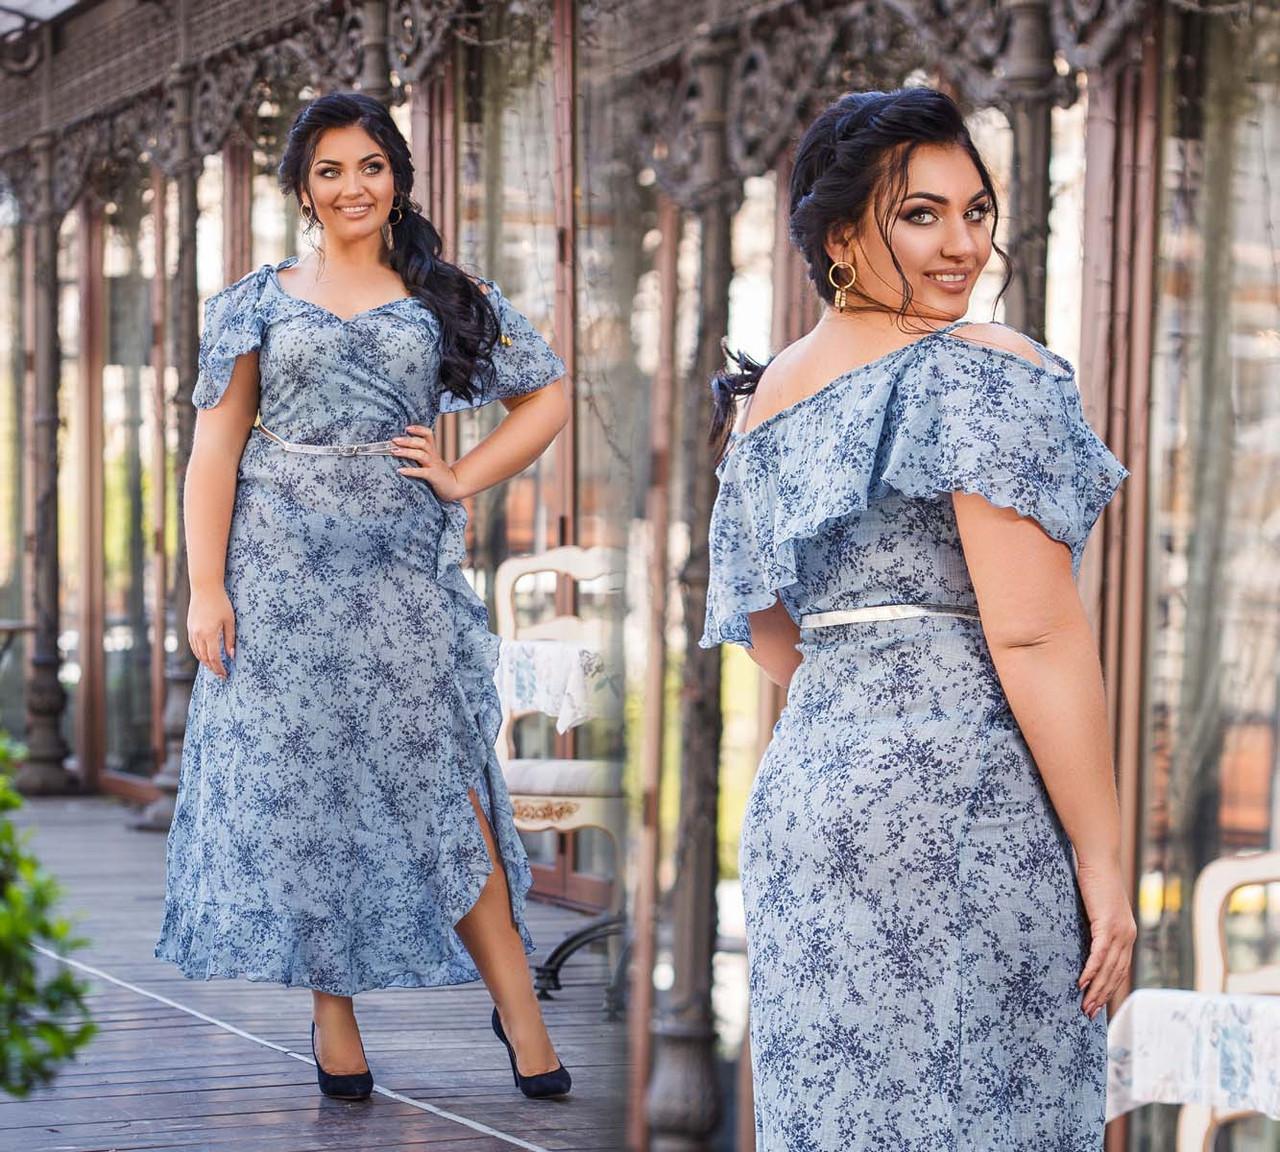 """Элегантное длинное женское платье в больших размерах """"Лён Цветы Плечи Воланы Разрез"""" в расцветках (DG-ак 219)"""